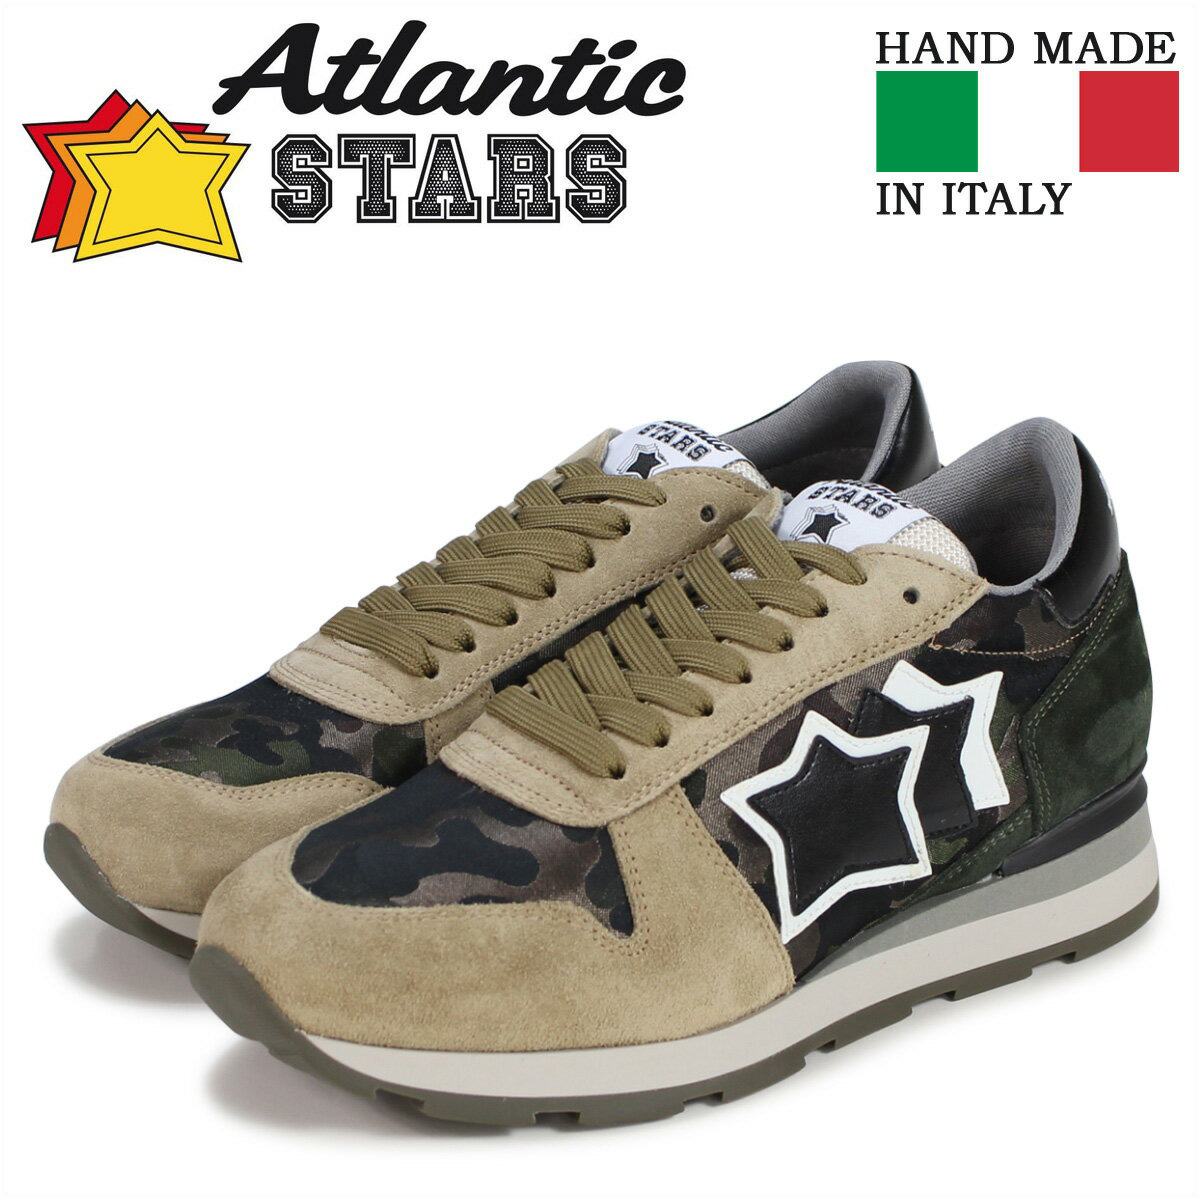 Atlantic STARS メンズ スニーカー アトランティックスターズ シリウス SIRIUS SAF-64N カモフラージュ ベージュ